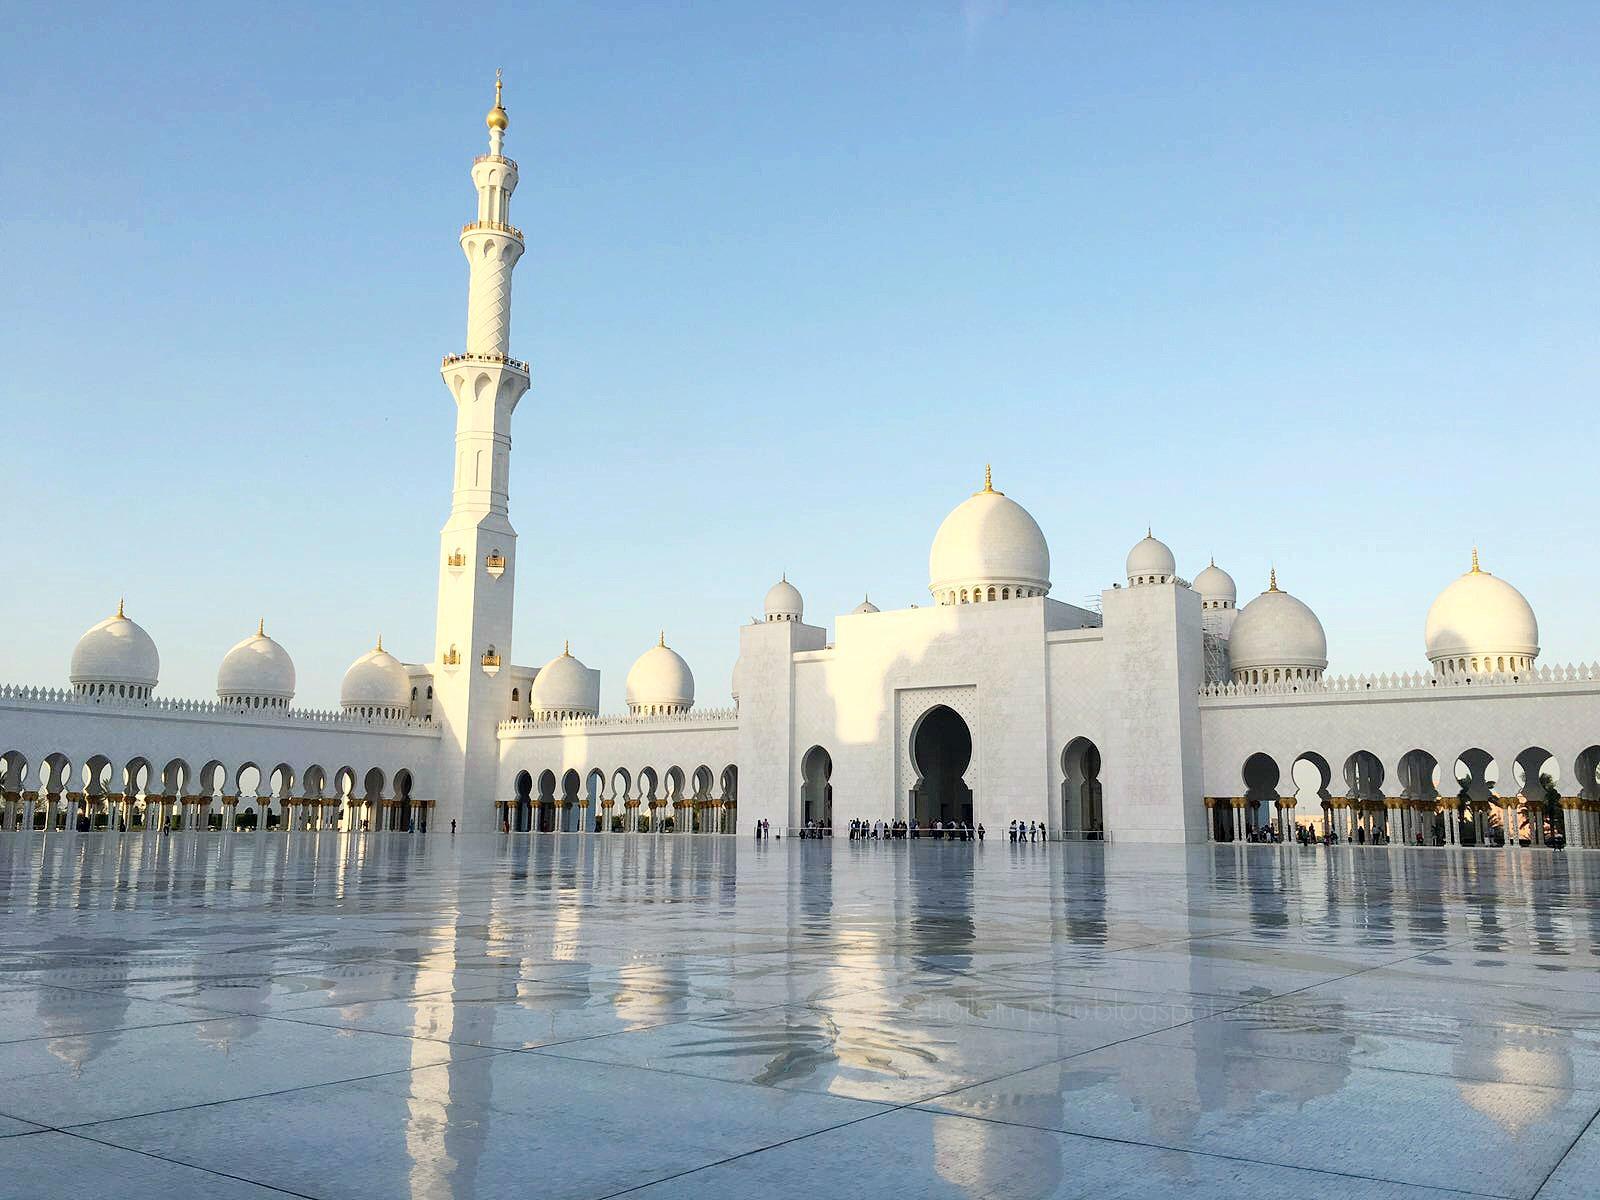 Sheikh Zayed Grand Mosque Abu Dhabi Vereinigte Arabische Emirate Moschee, Kleiderordnung Mosche, Scheich-Zayid-Moschee, ,مسجد الشيخ زايد, asch-Schaich Zayid, Masǧid aš-Šaiḫ Zāyid, Ausflugsziel Abu Dhabi mit Kind, mittwochs mag ich